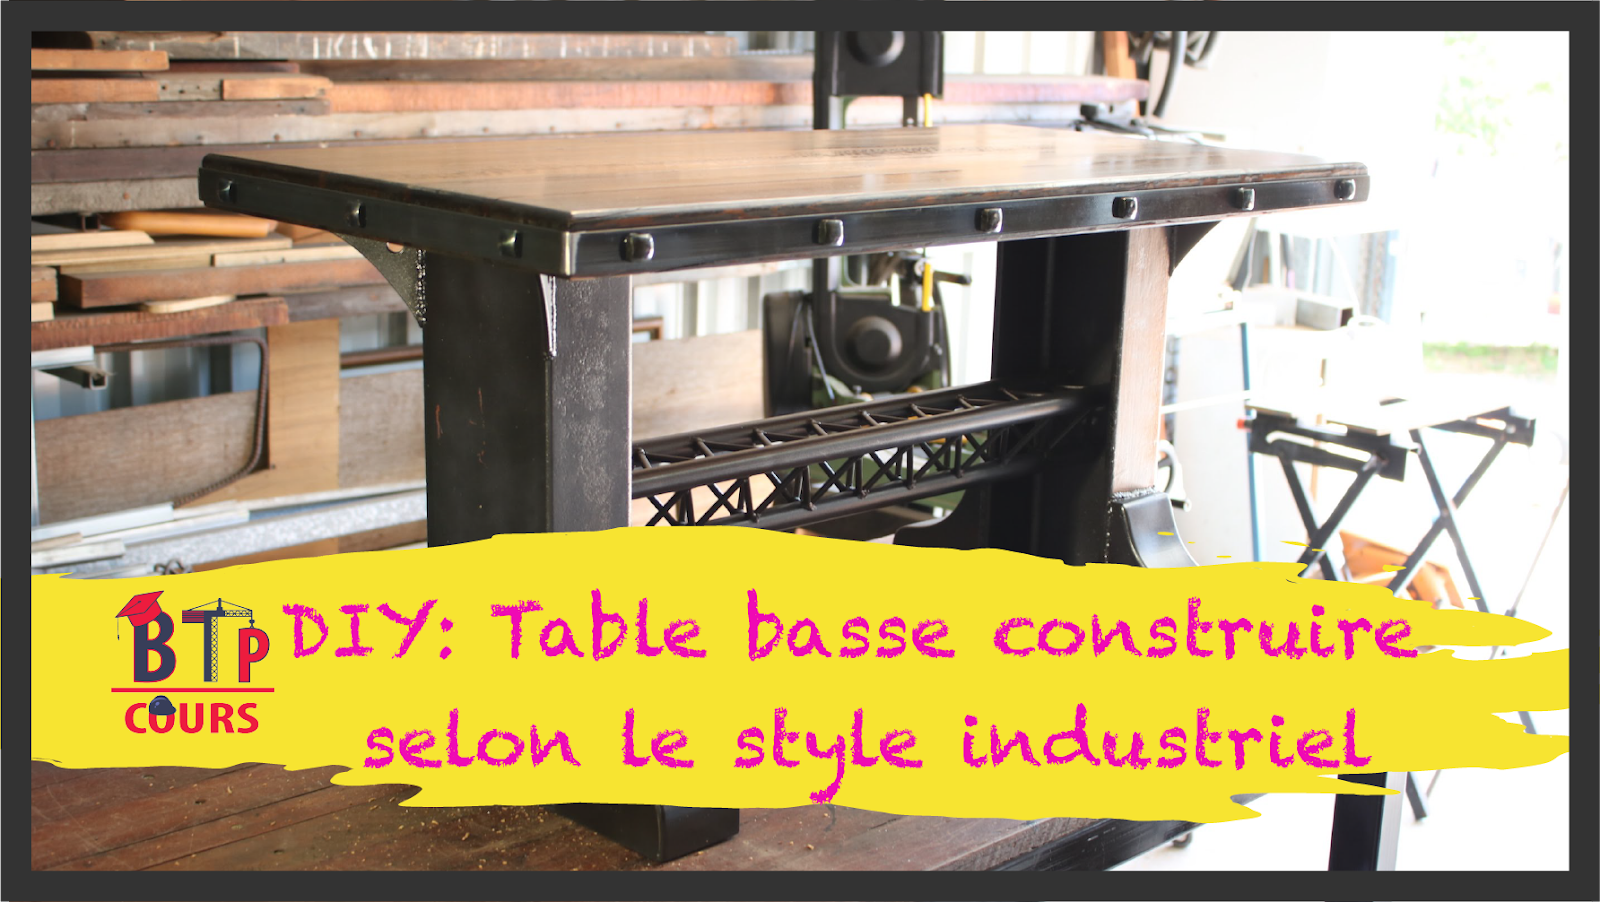 Plan De Travail Diy diy: table basse construire selon le style industriel